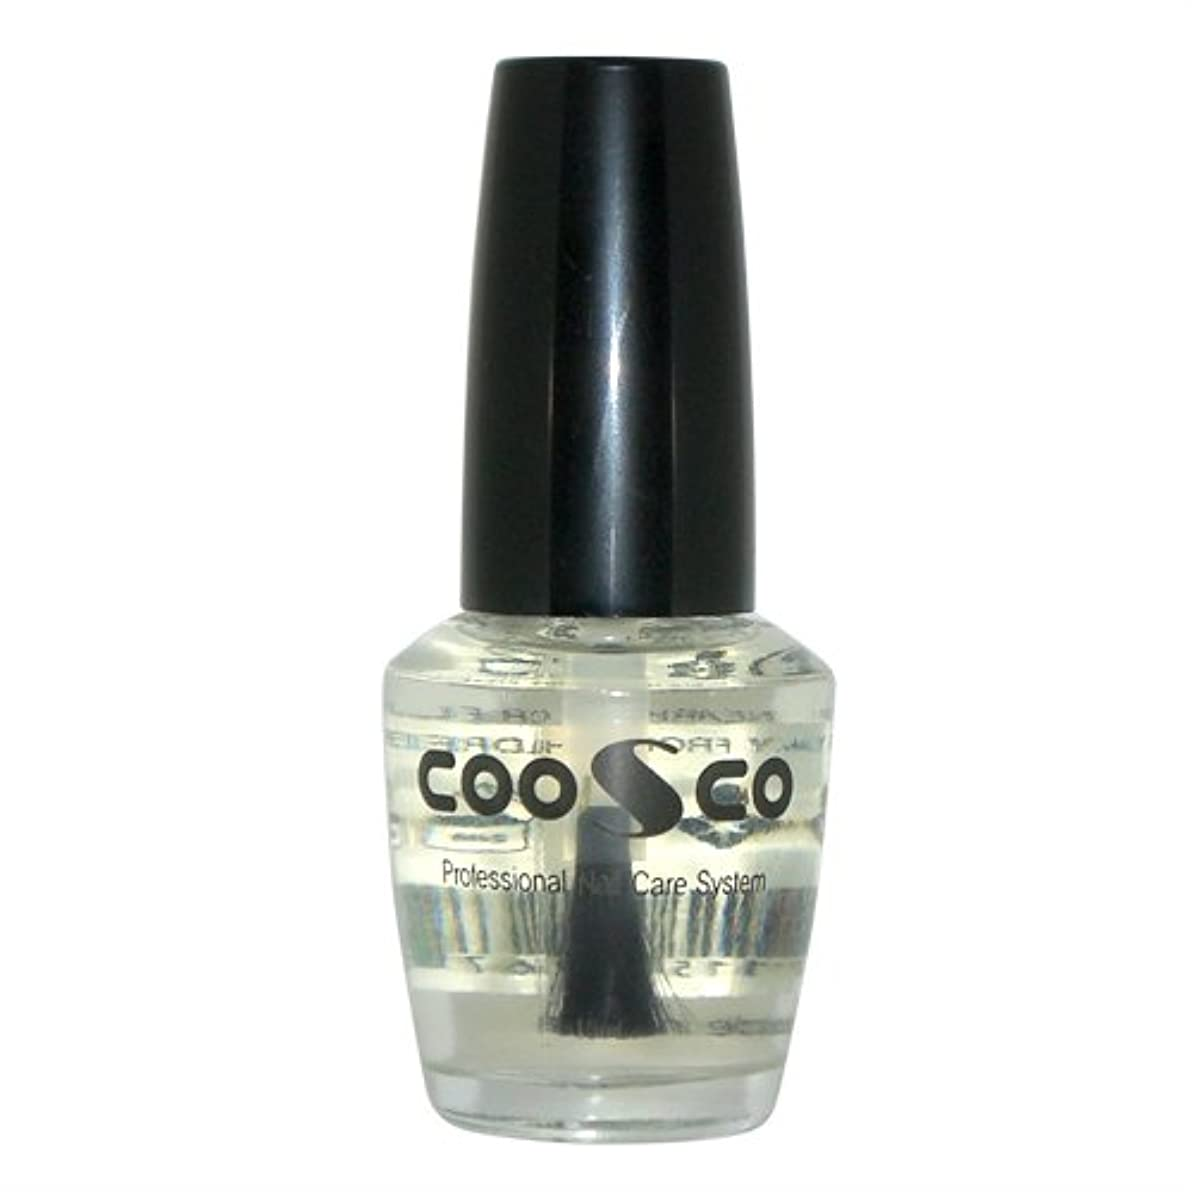 聡明装置プログラムチェスネイル用 CCトップコート (COOSCO Professional Nail Care System CC Top Coat) 15mL